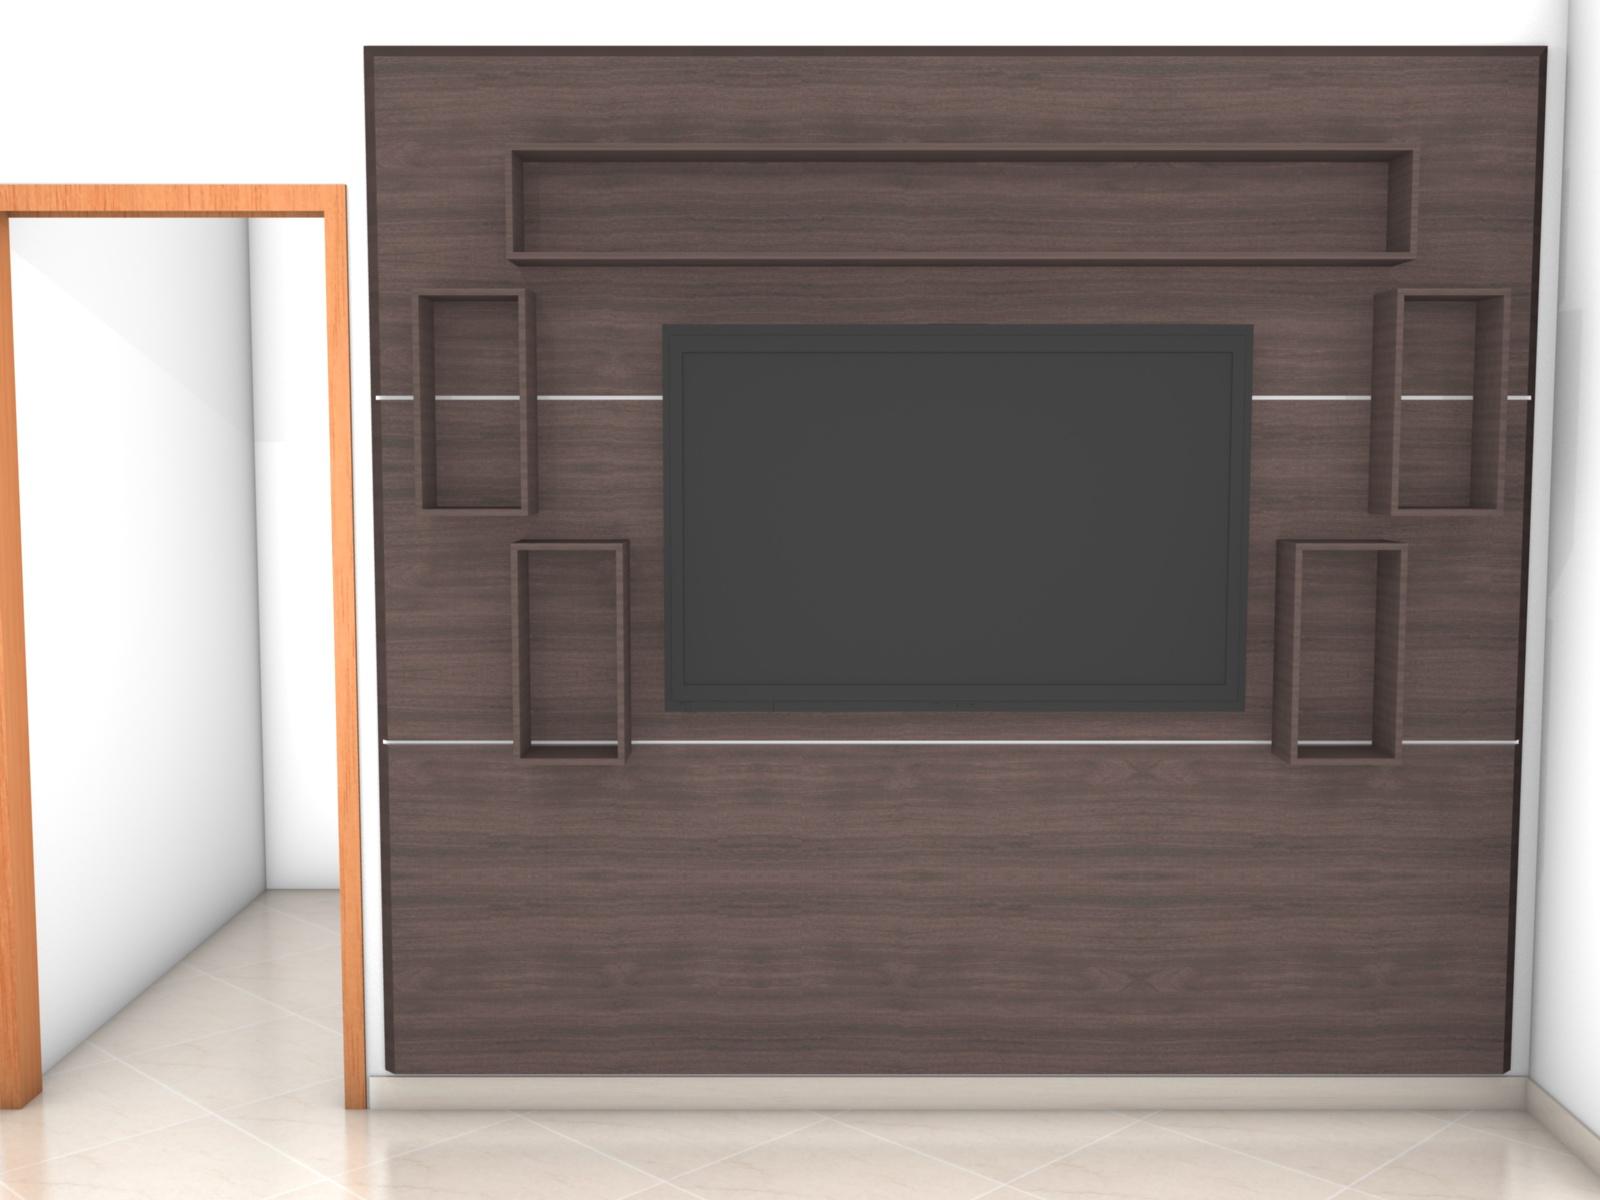 decoracao de interiores para casas simples:Decoração de Interiores Casa: Painel de TV simples